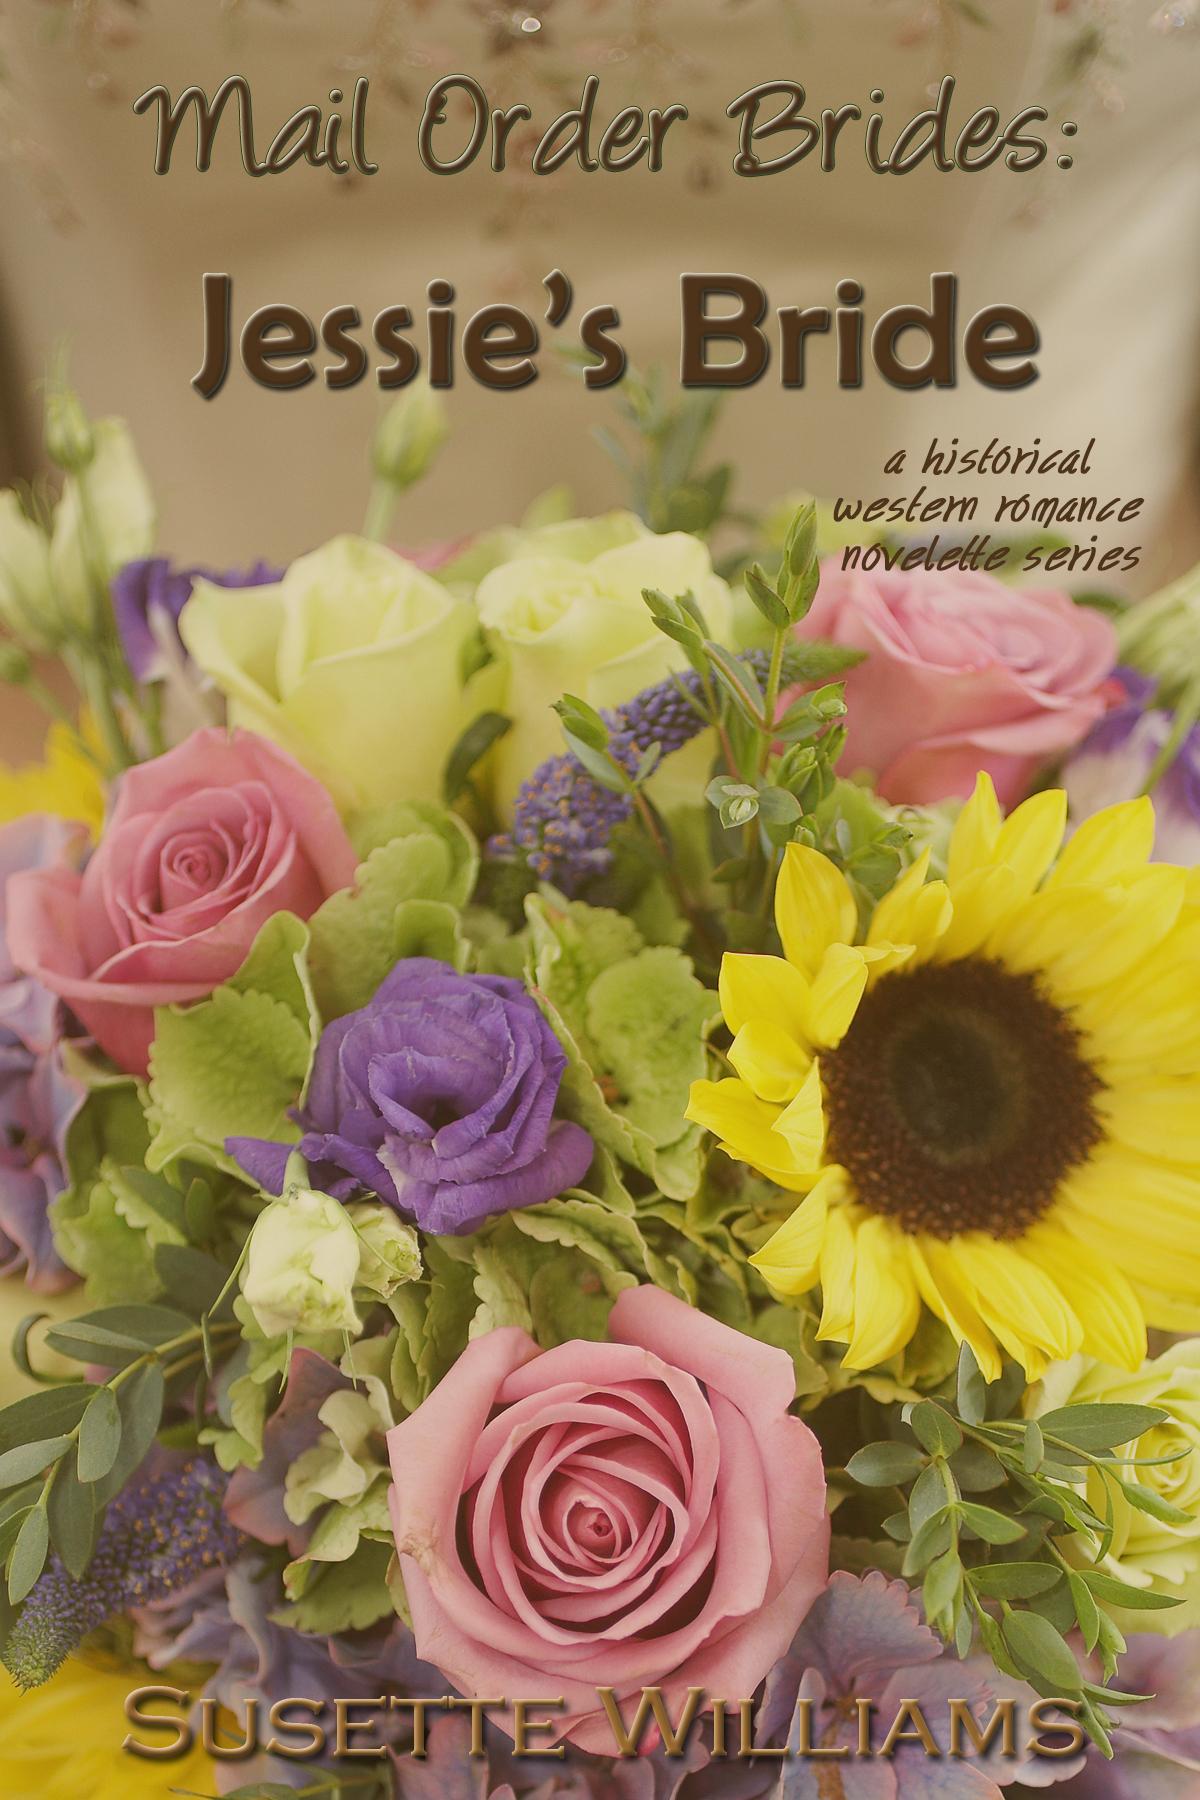 Jessie's Bride